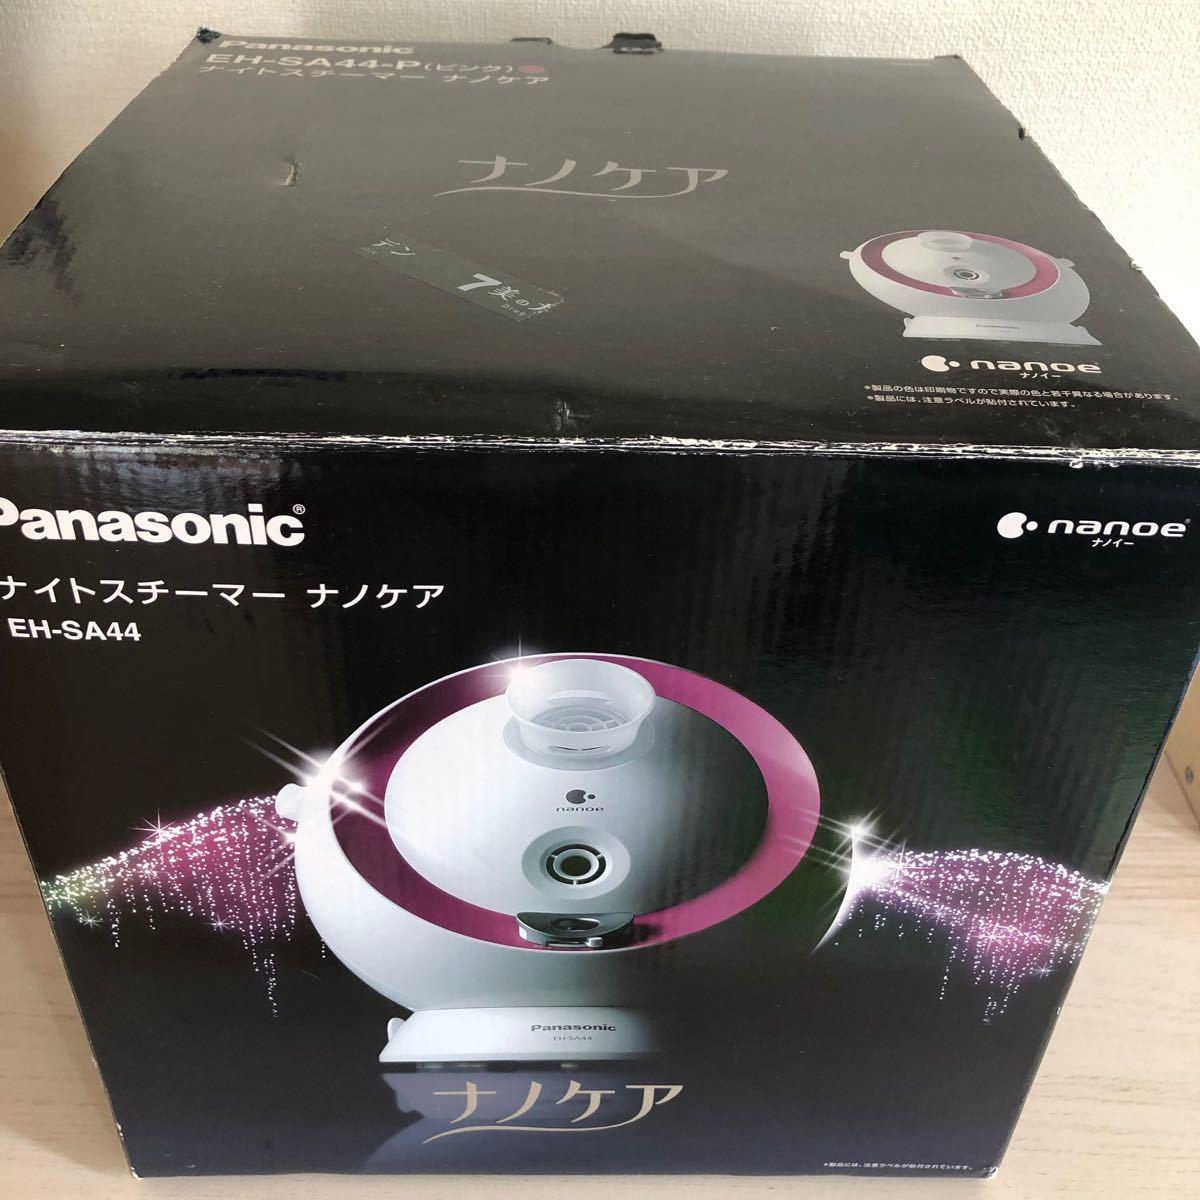 Panasonic パナソニック ナノケア EH-SA44 ナイトスチーマー